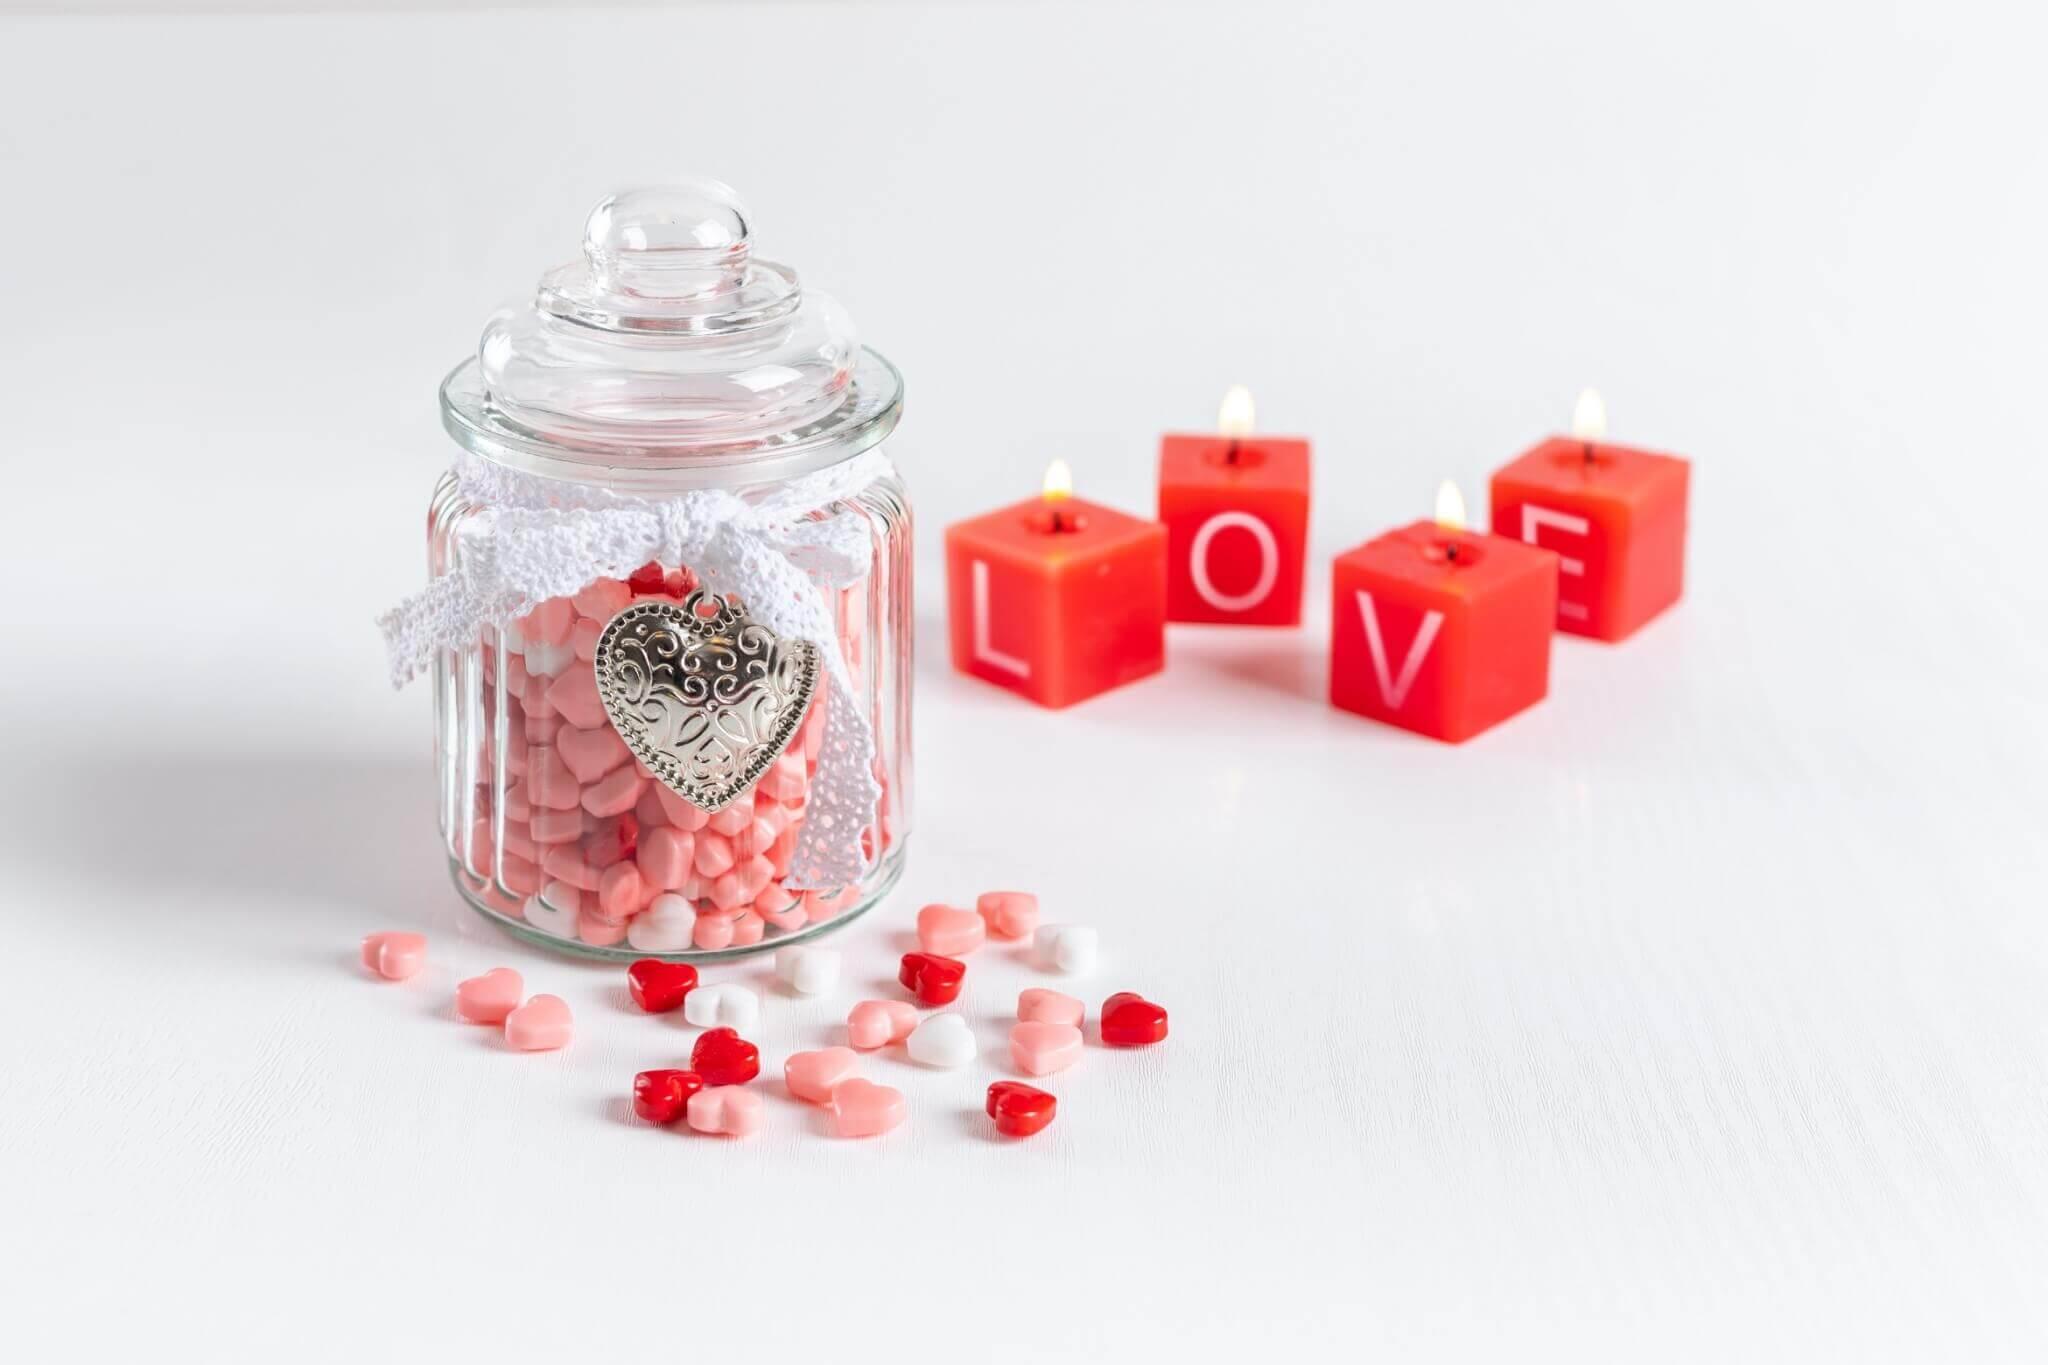 ไอเดียของขวัญวันวาเลนไทน์ 2021 วันแห่งความรัก ขวดบรรจุรัก